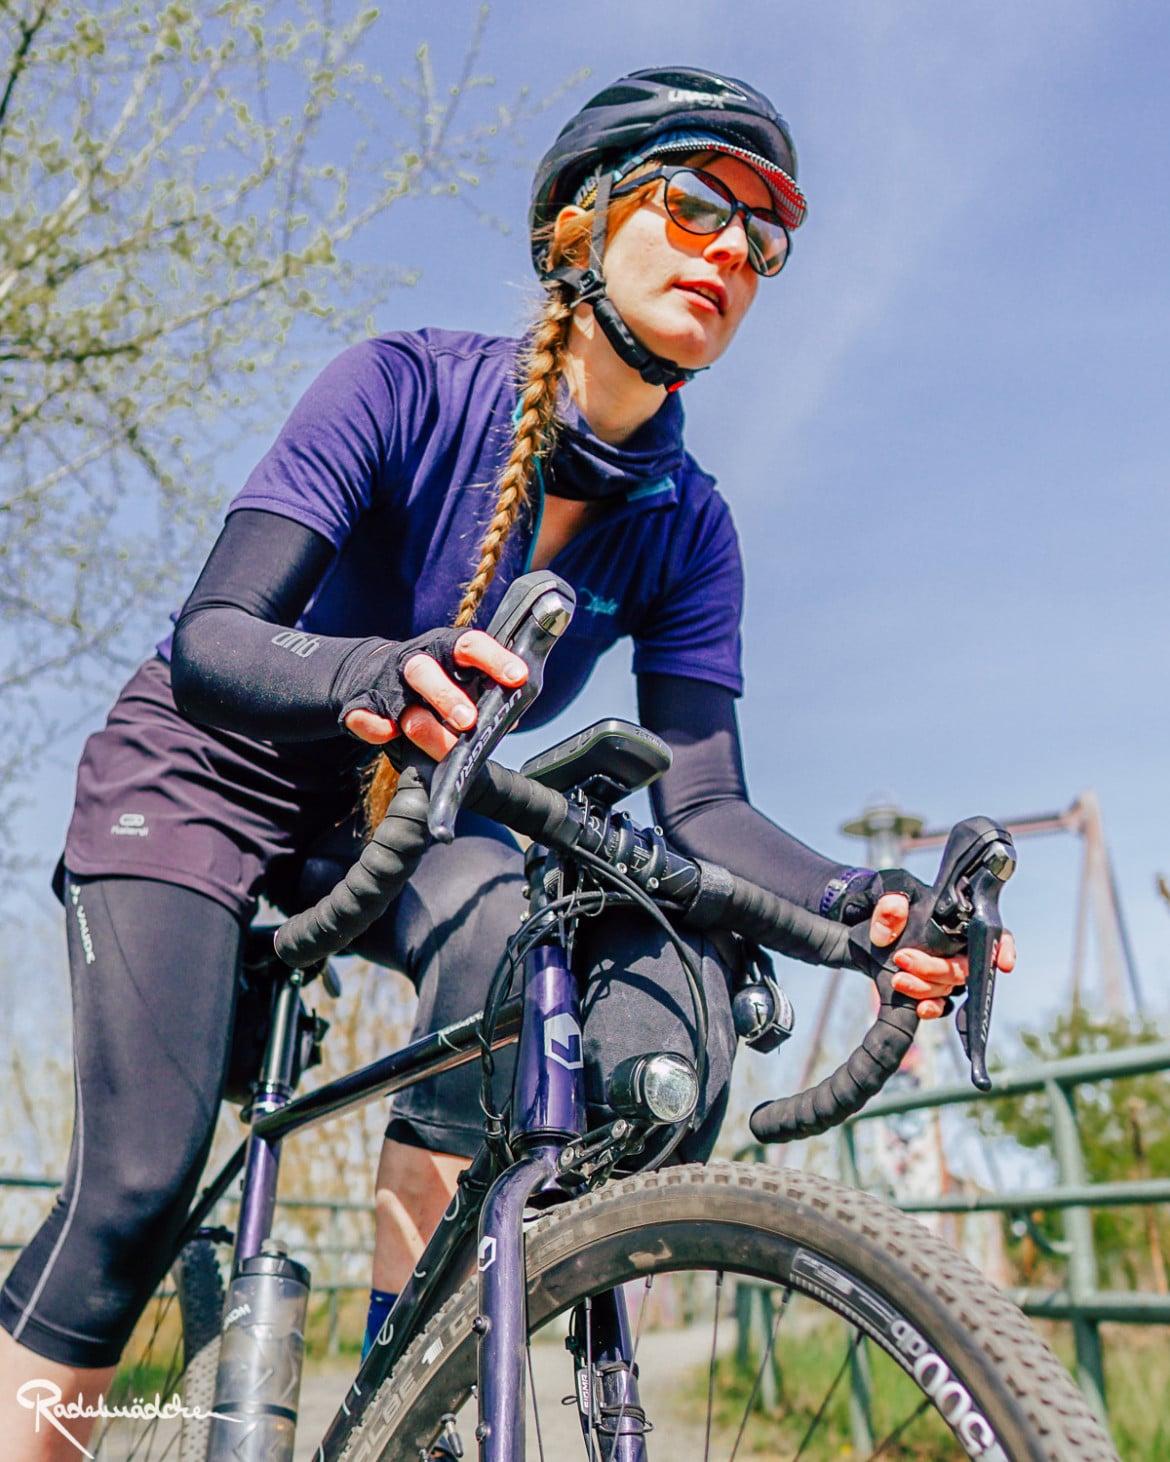 Radelmaedchen on the bike with Schwalbe g-One